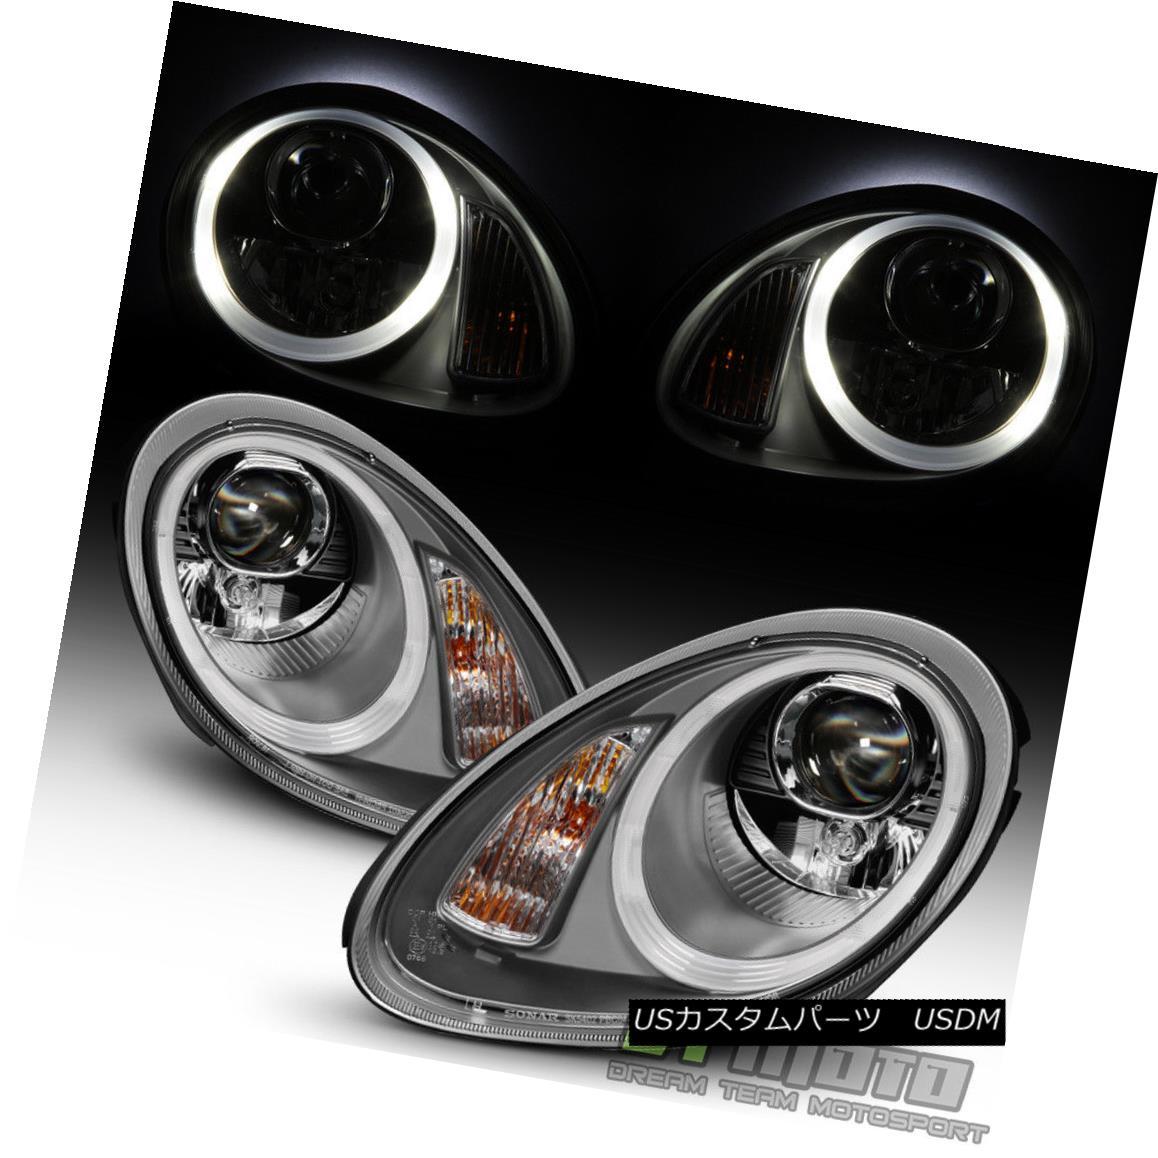 ヘッドライト Gray 2005-2008 Porsche Boxster 987 Cayman HID Model LED DRL Projector Headlights グレー2005-2008ポルシェボクスター987ケイマンHIDモデルLED DRLプロジェクターヘッドライト